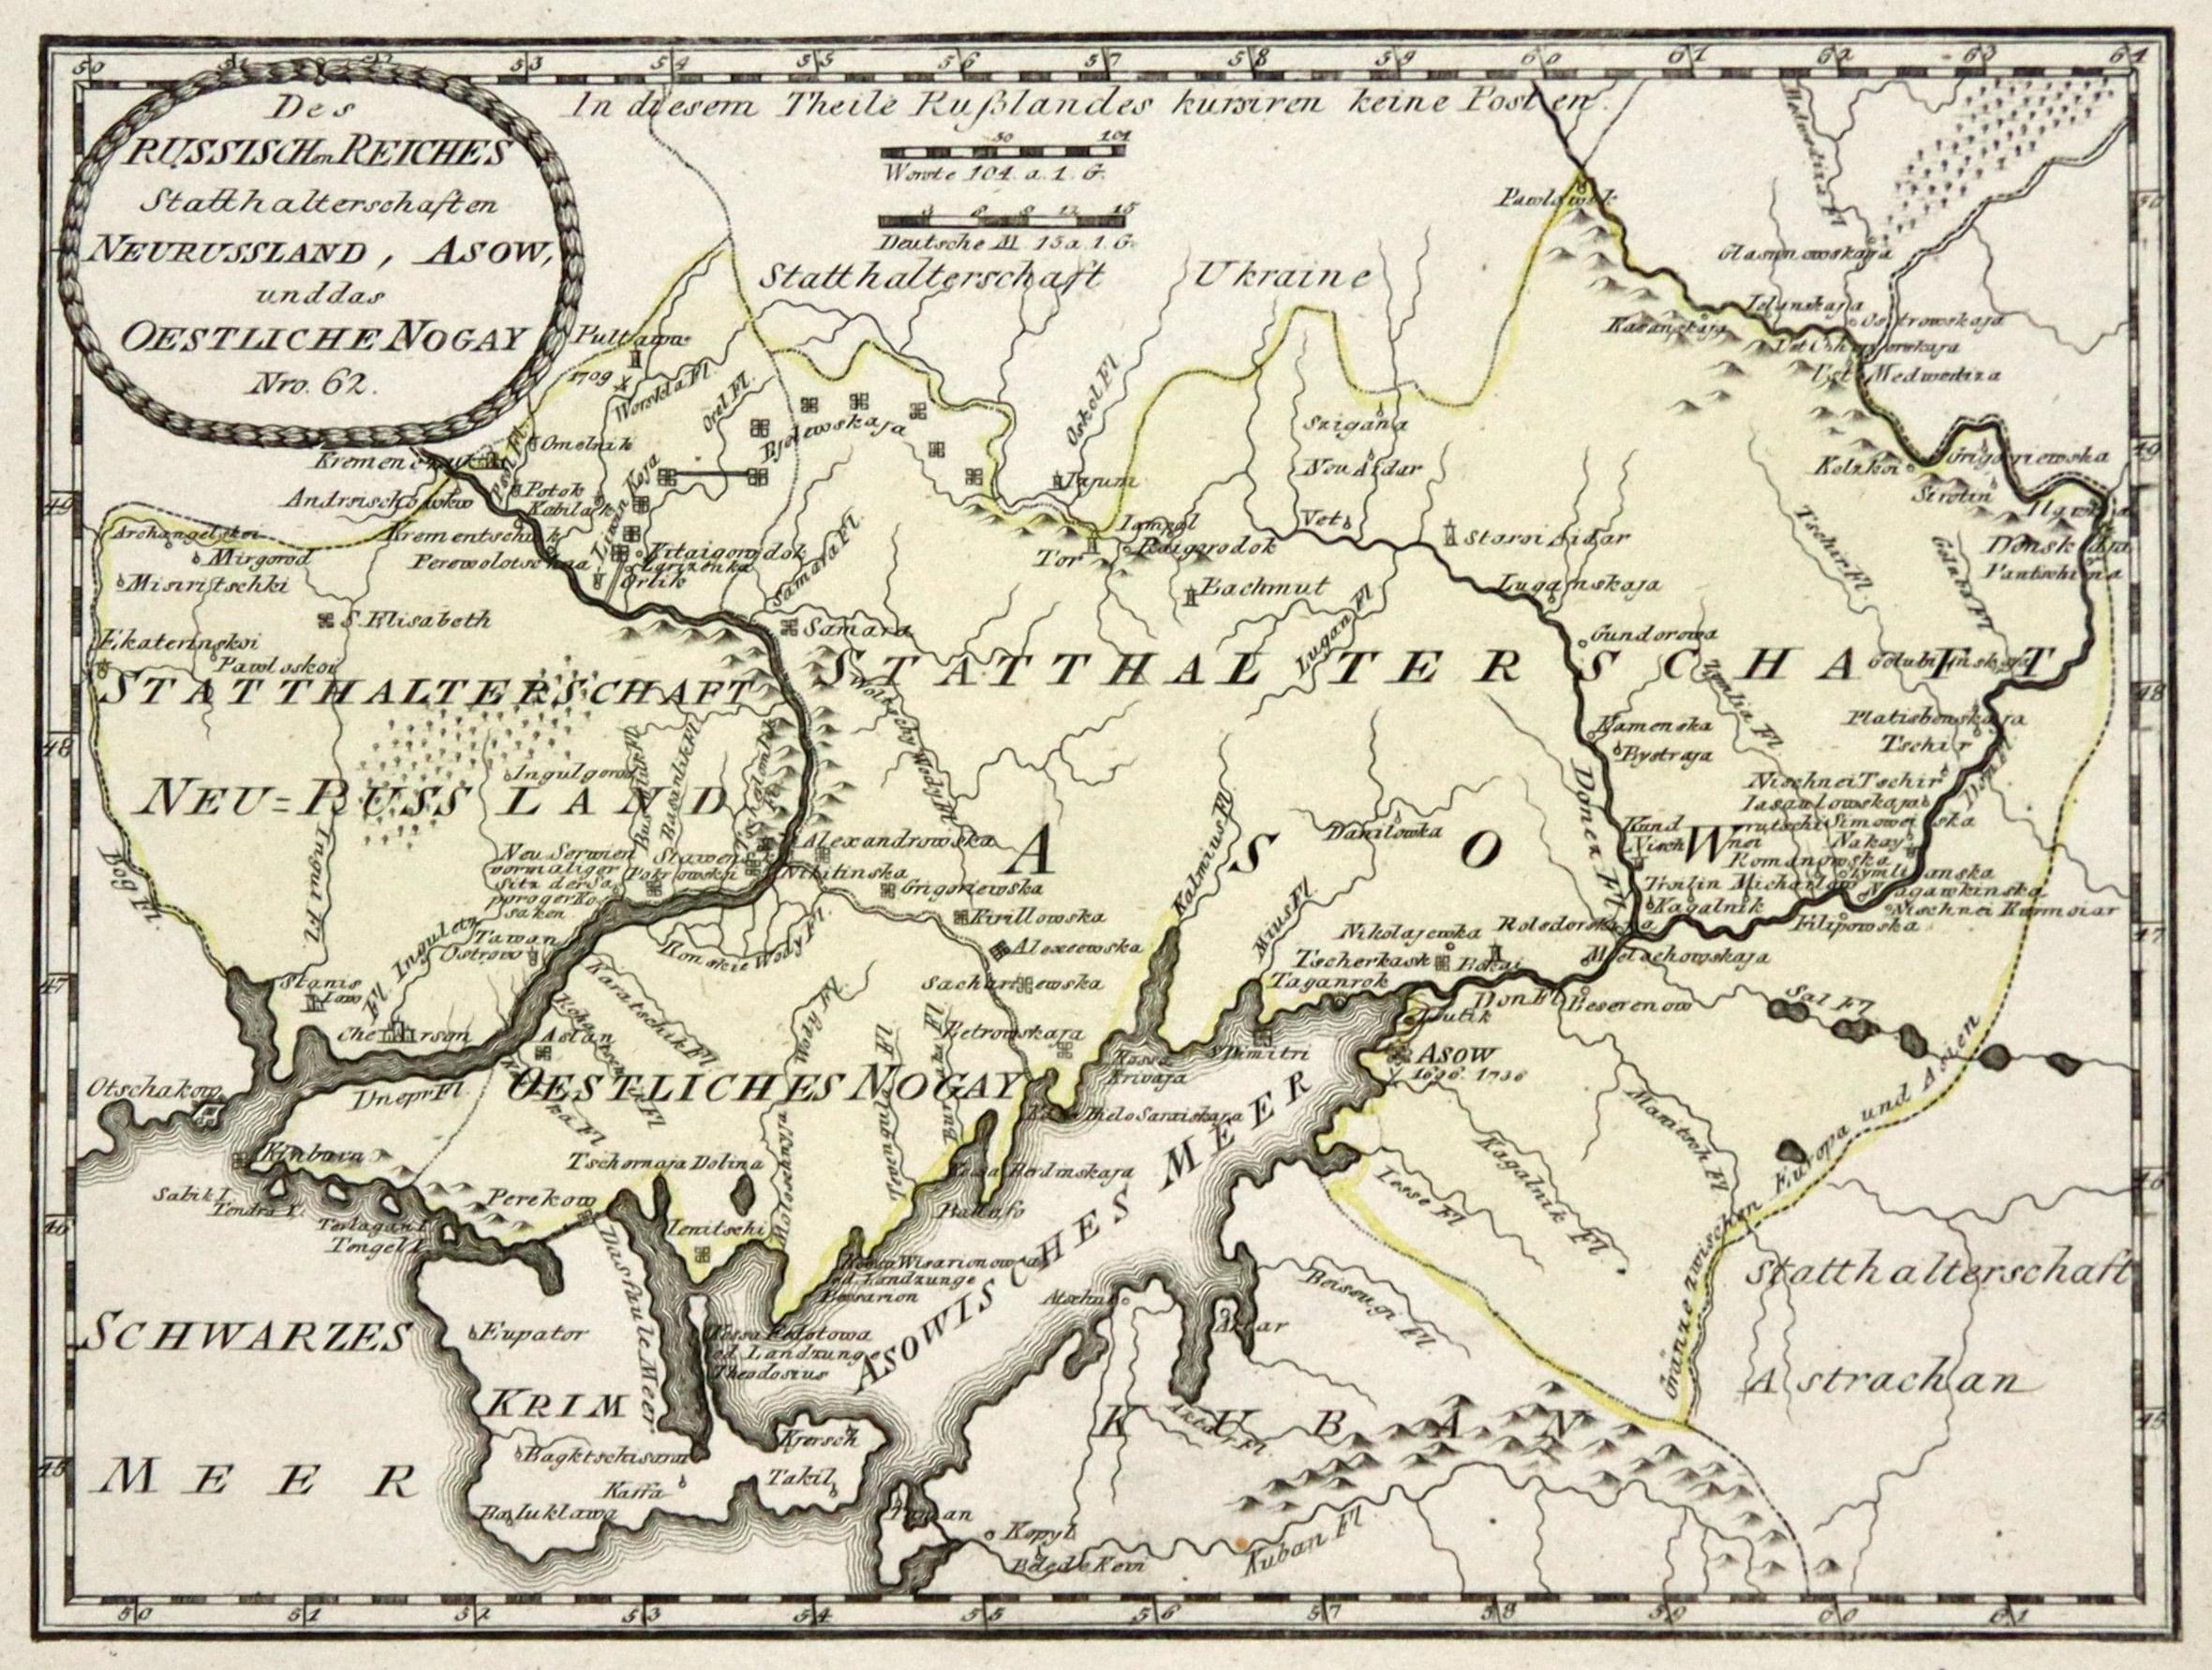 """Kst.- Karte, b. Reilly, """"Des russischen Reiches: Ukraine:"""